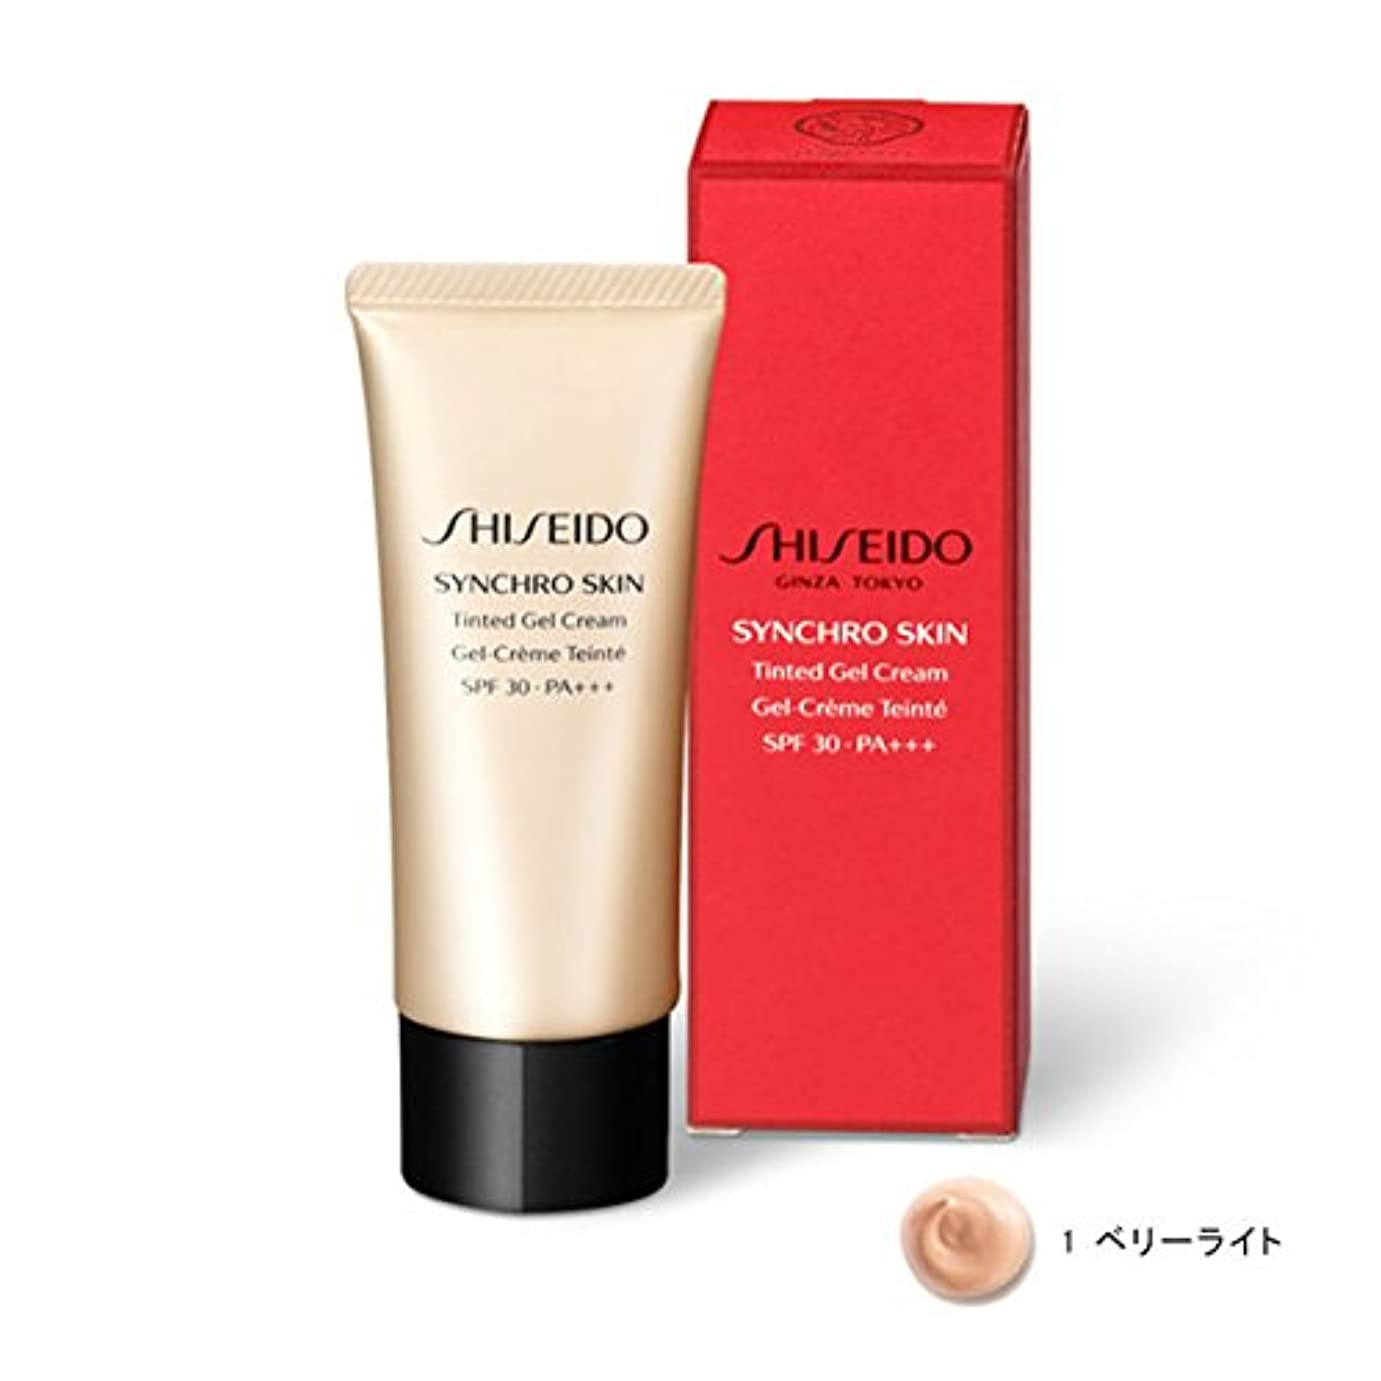 バター電気的ジョージスティーブンソンSHISEIDO Makeup(資生堂 メーキャップ) SHISEIDO(資生堂) シンクロスキン ティンティッド ジェルクリーム (1 ベリーライト)